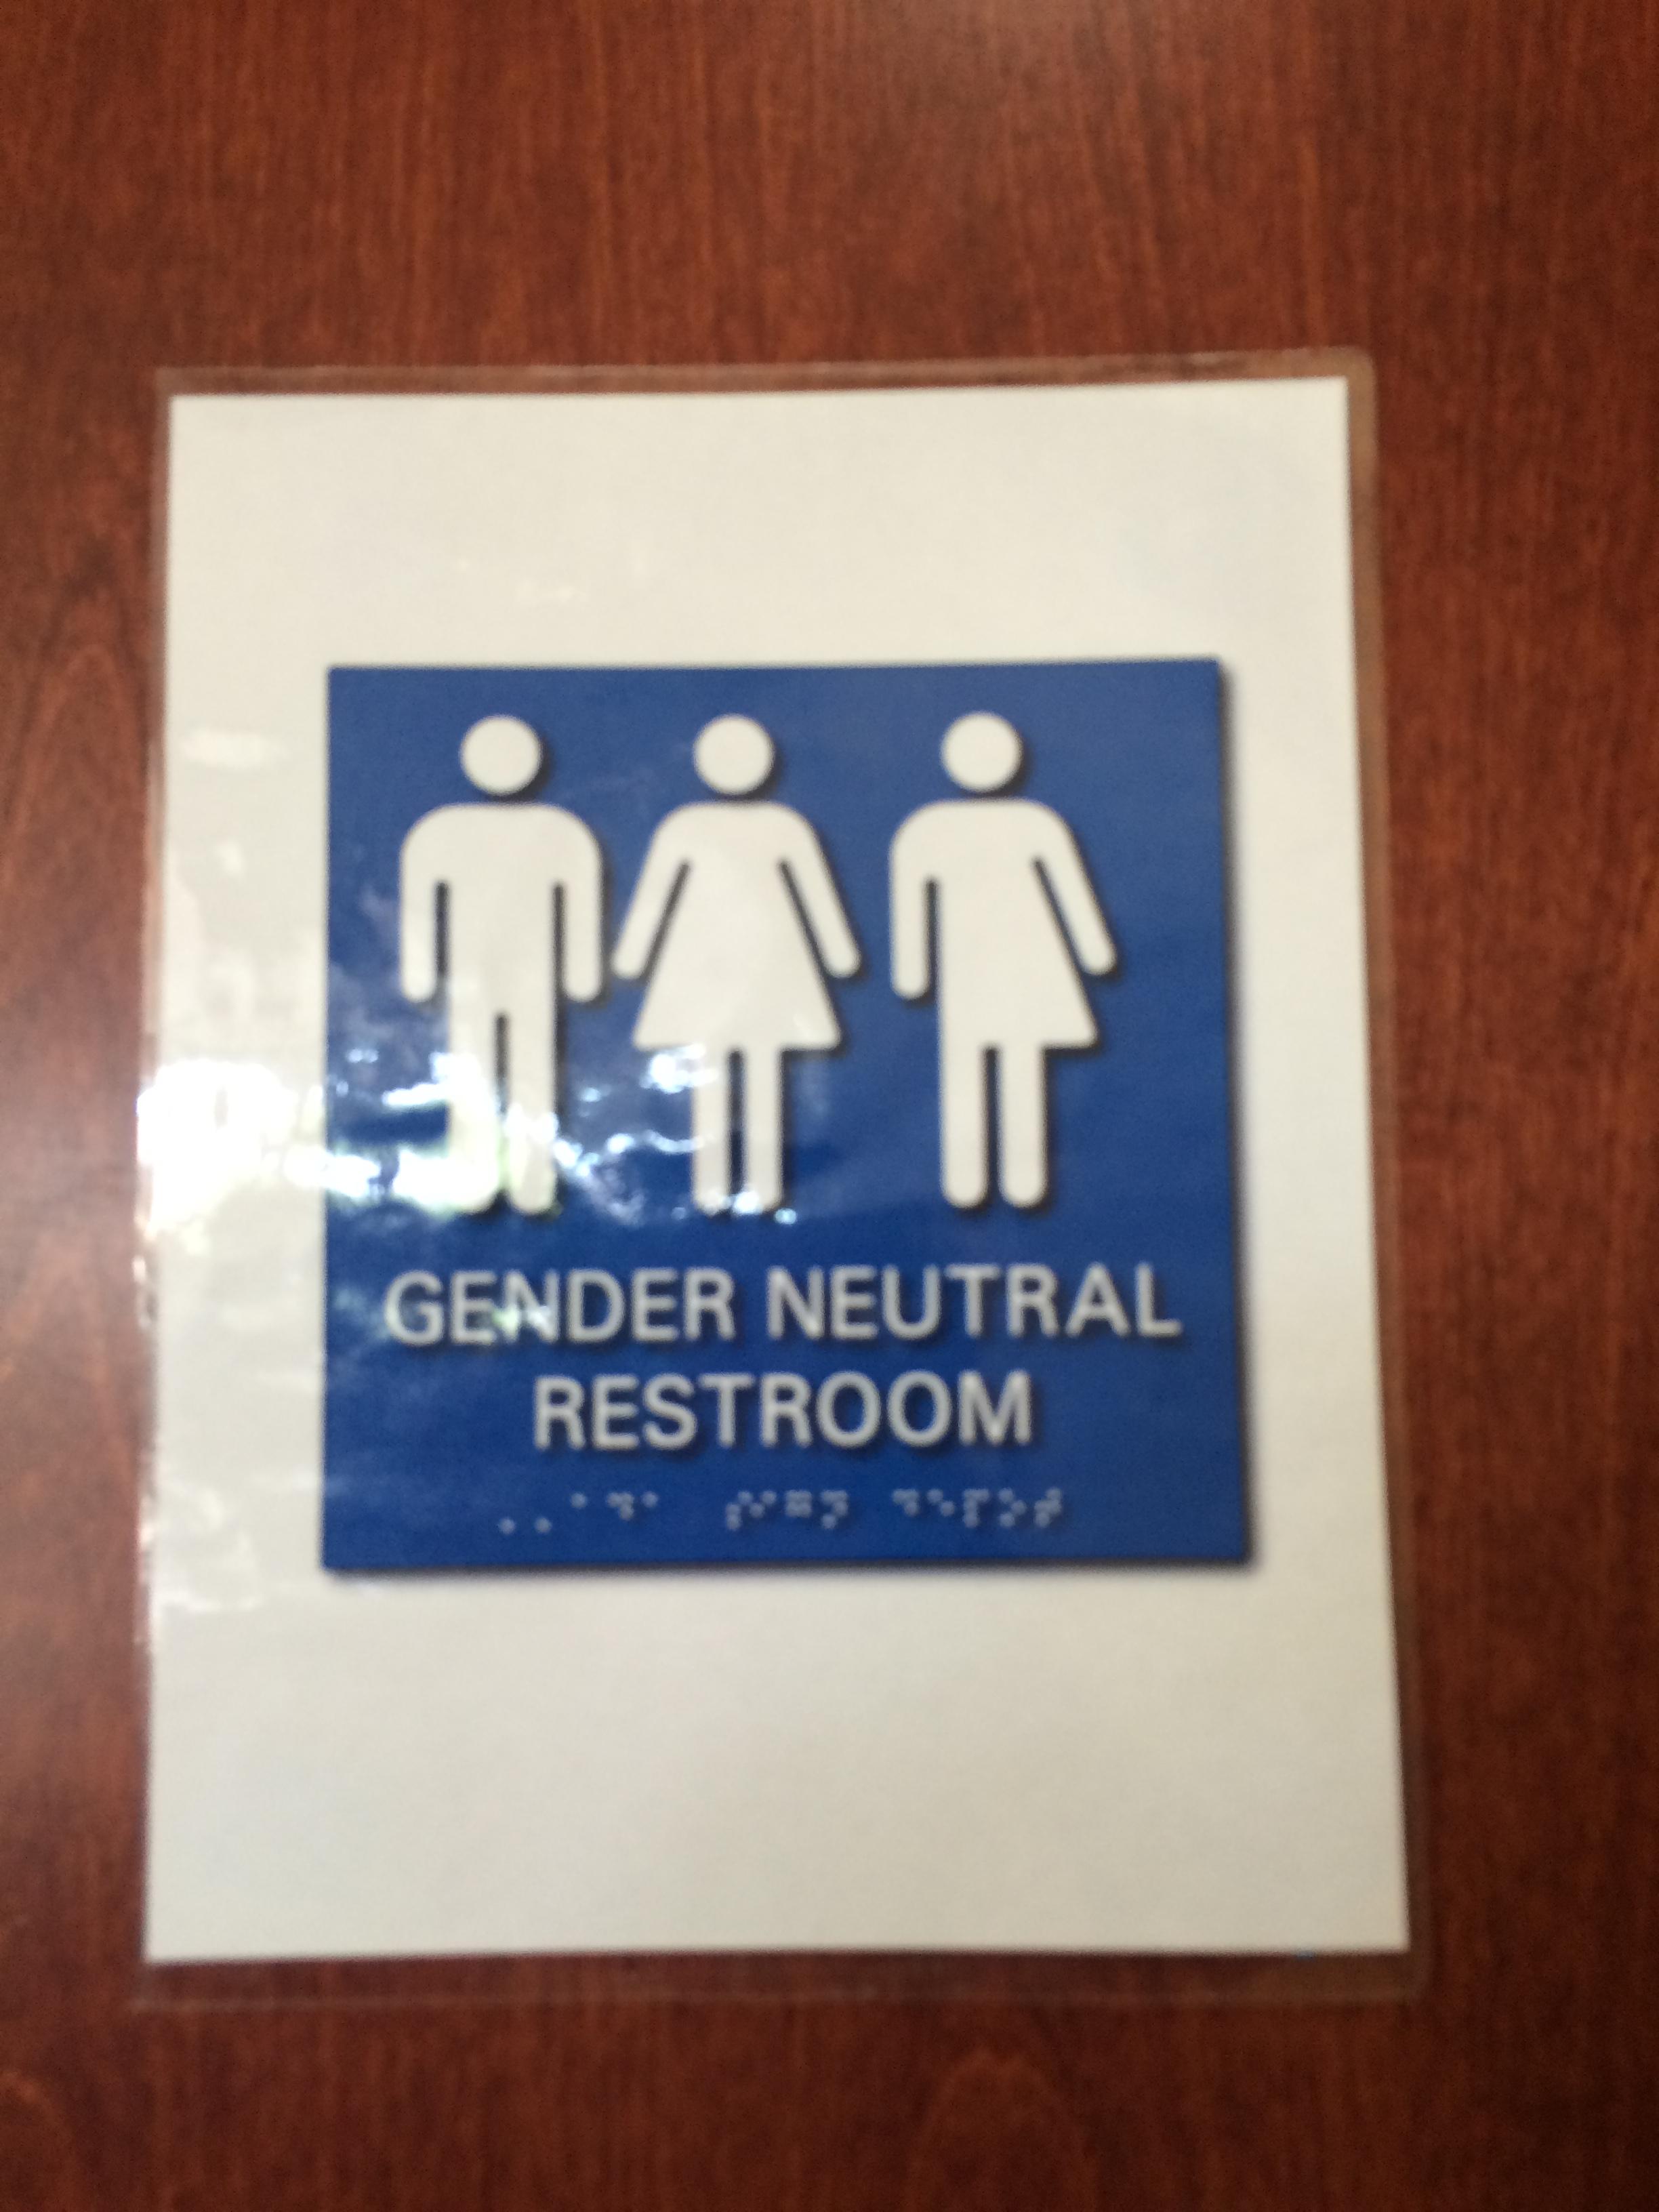 genderneutralbathroom.jpg